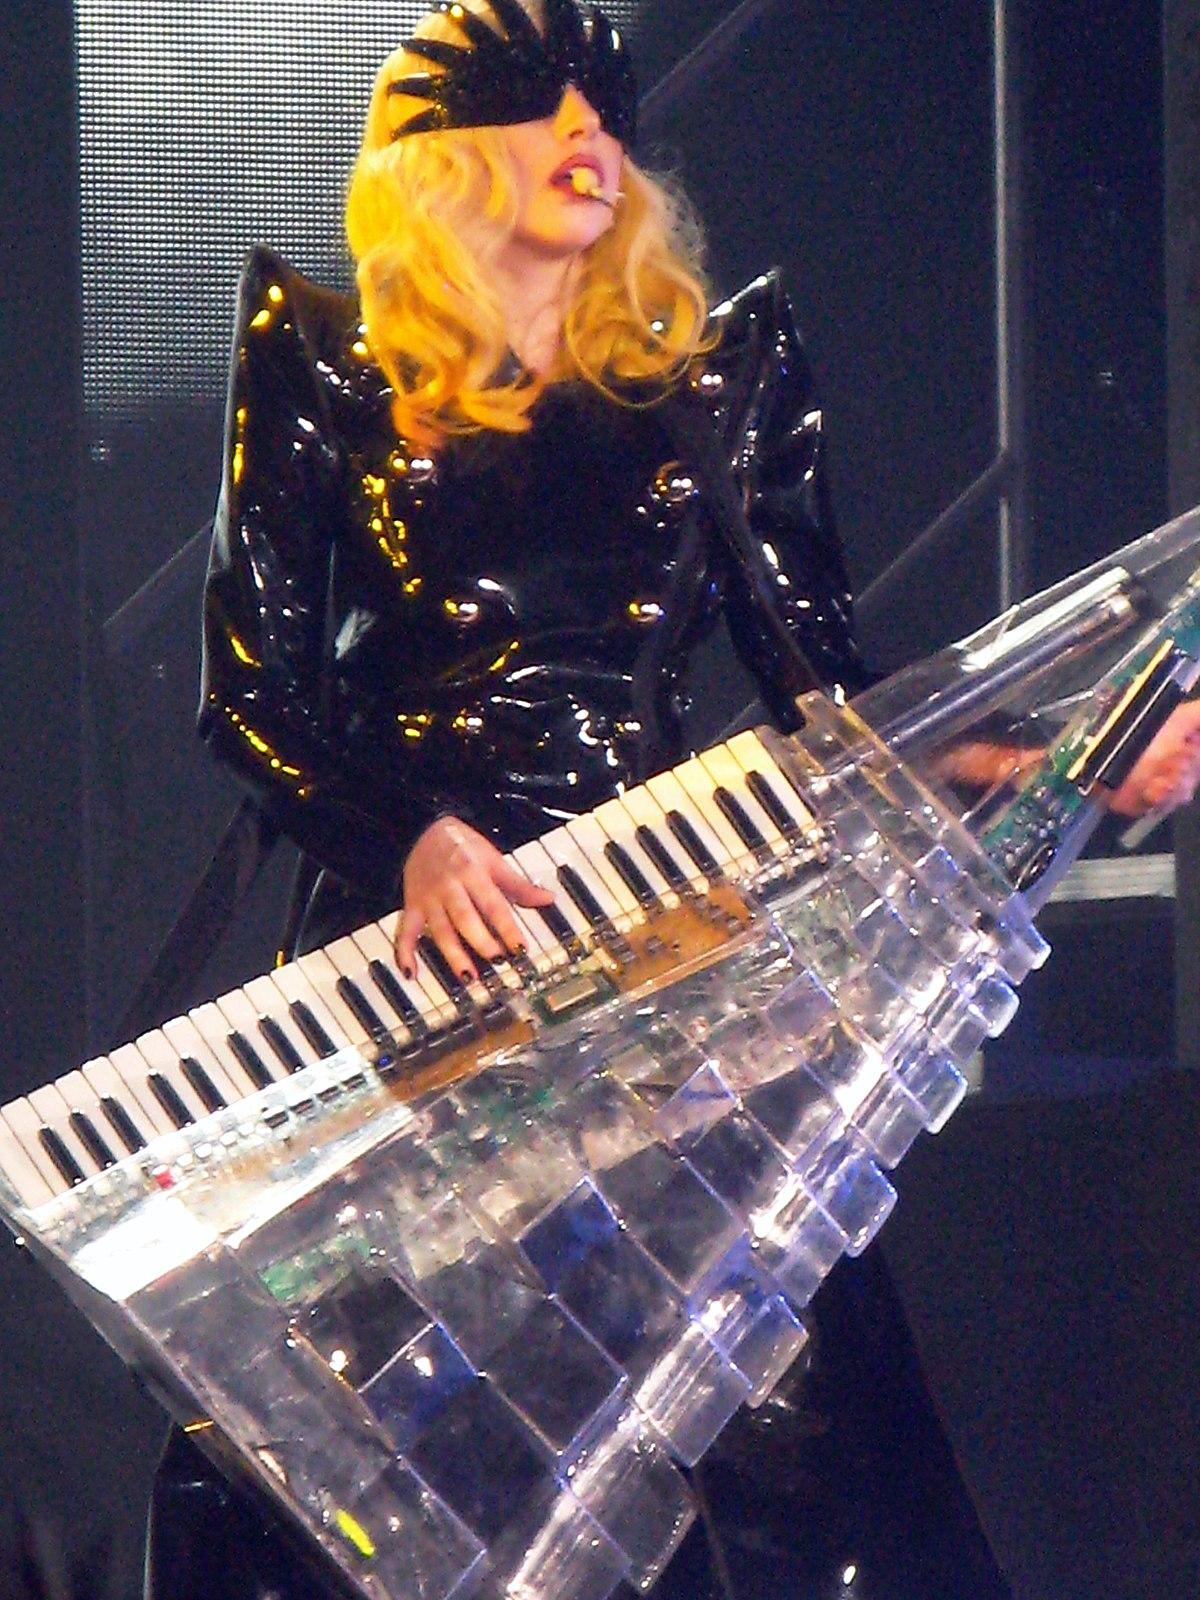 Keytar - Wikipedia